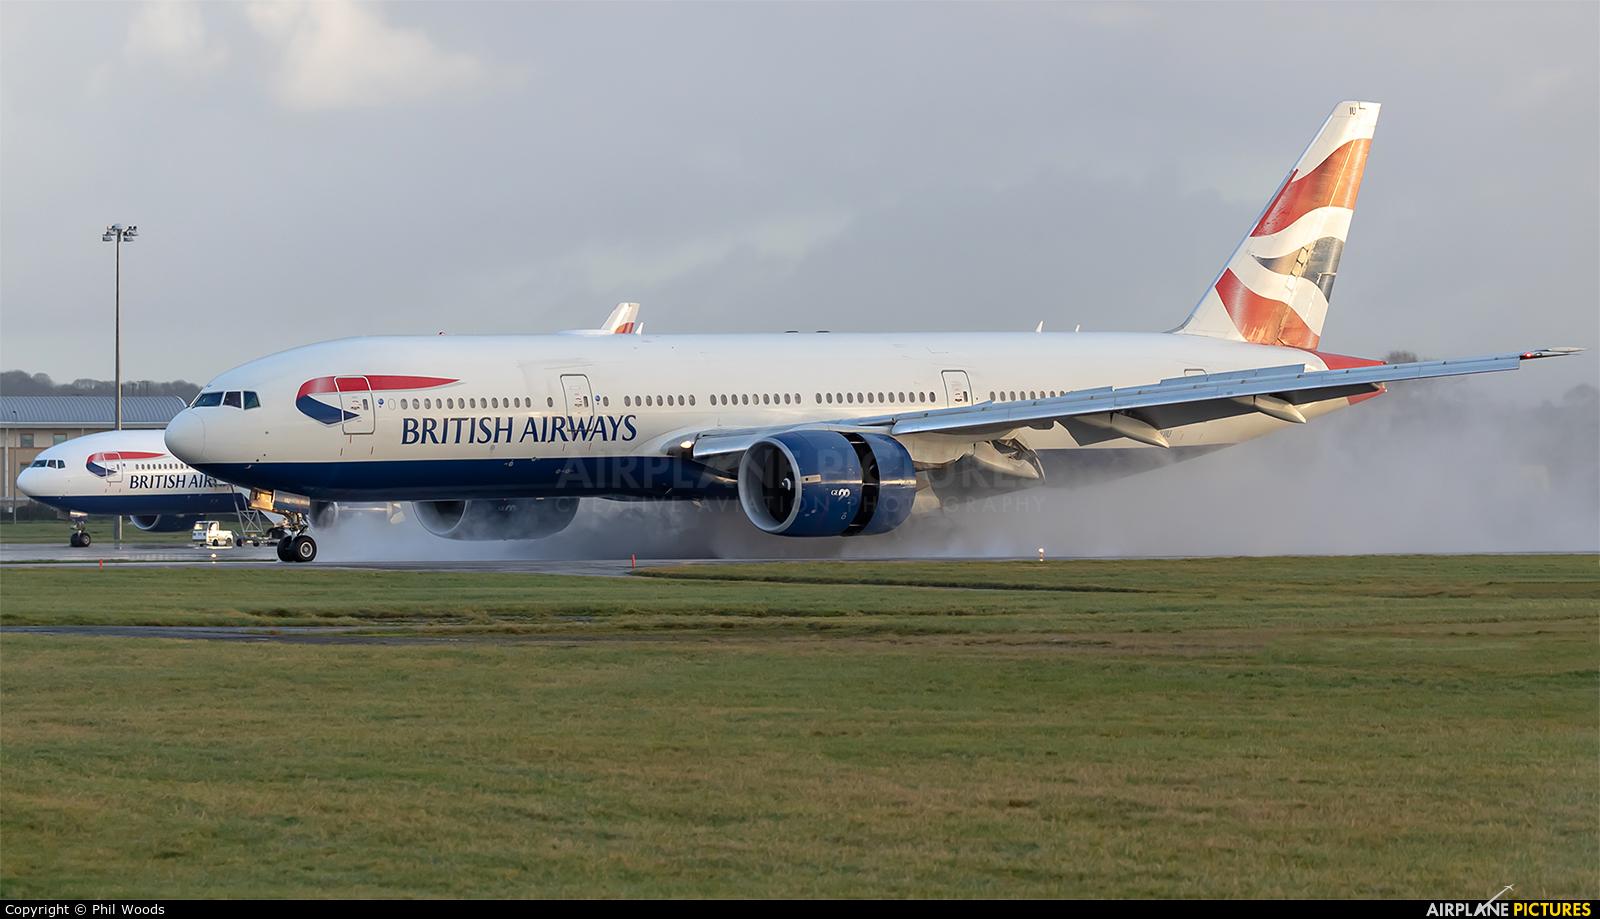 British Airways G-VIIU aircraft at Cardiff